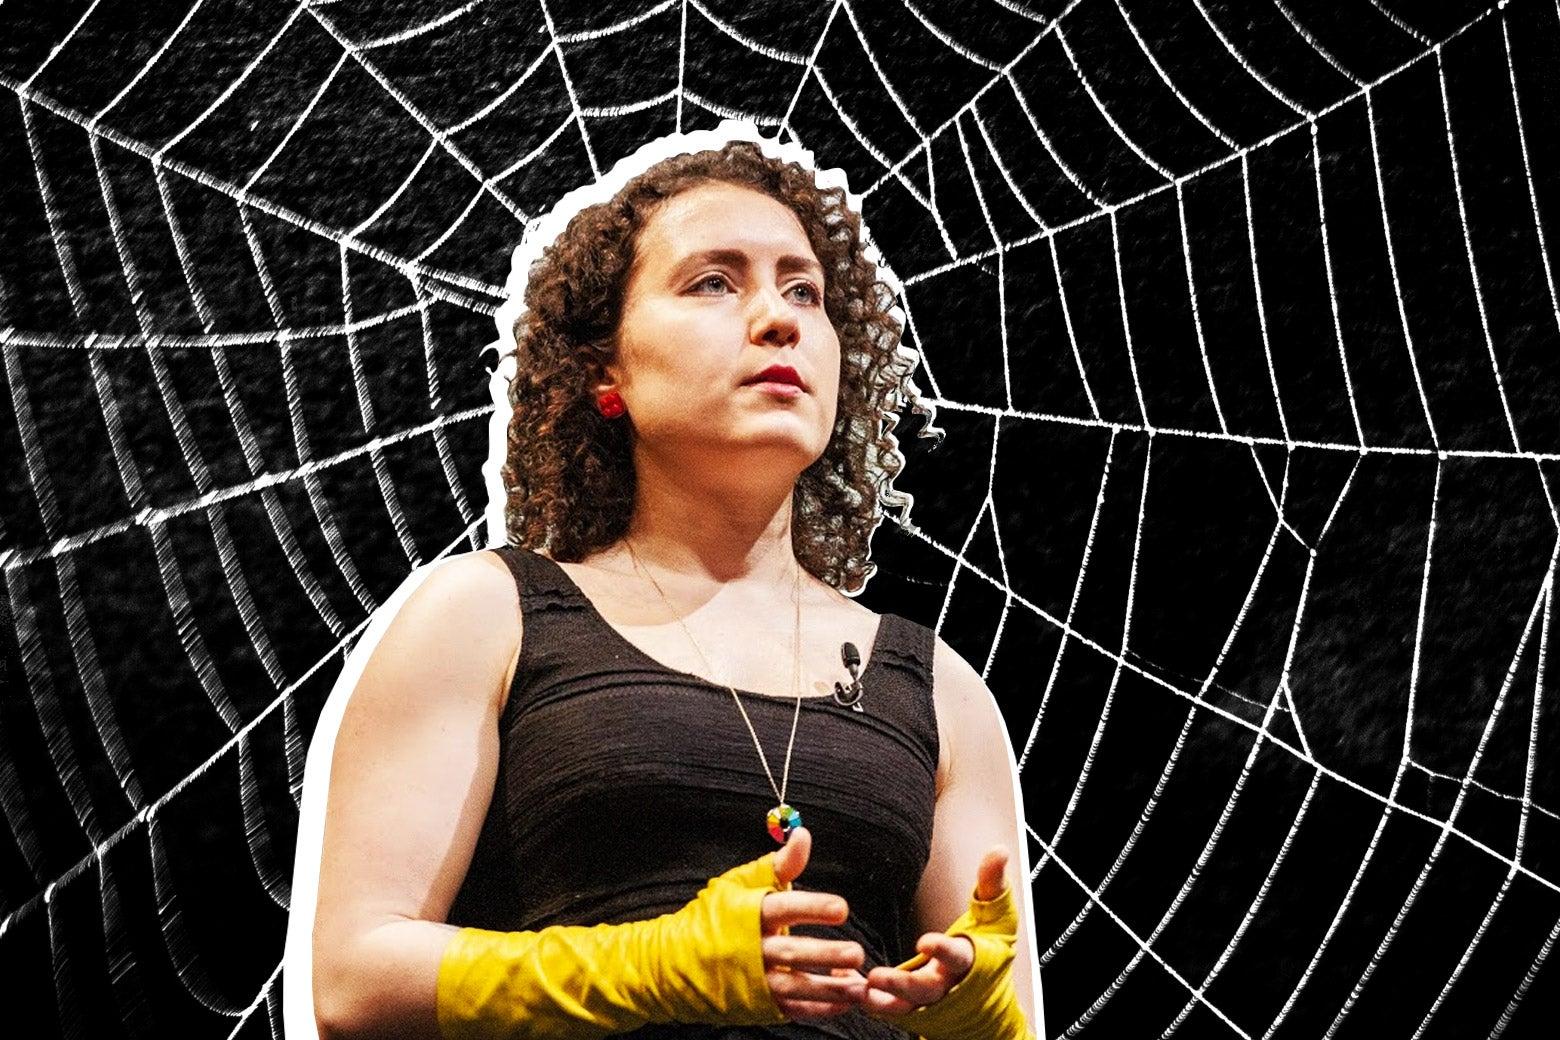 Collage of Maria Popova in a spiderweb.